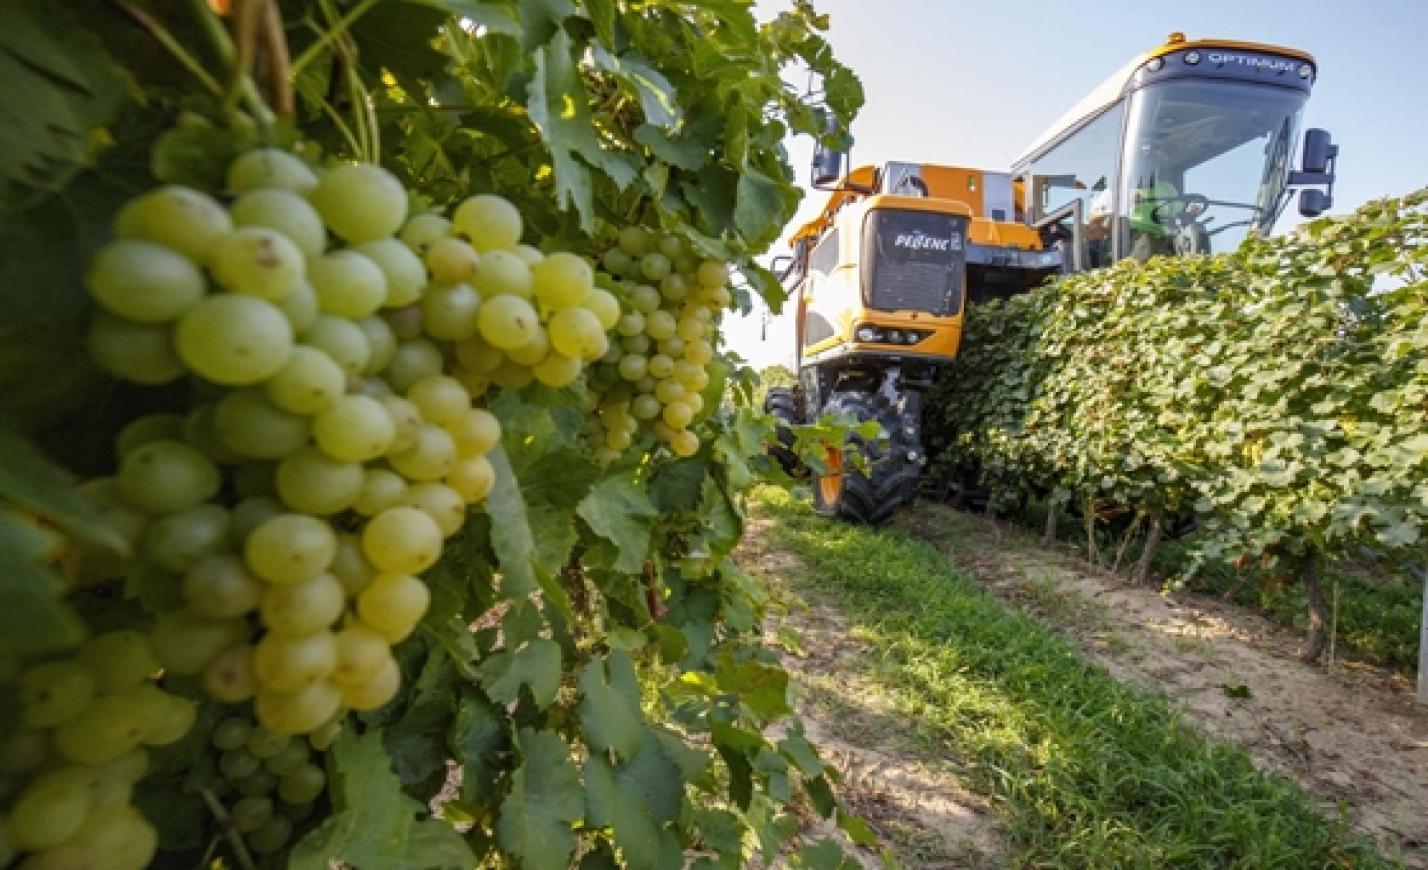 Magyarország középhatalom az EU-ban – ha borban mérjük